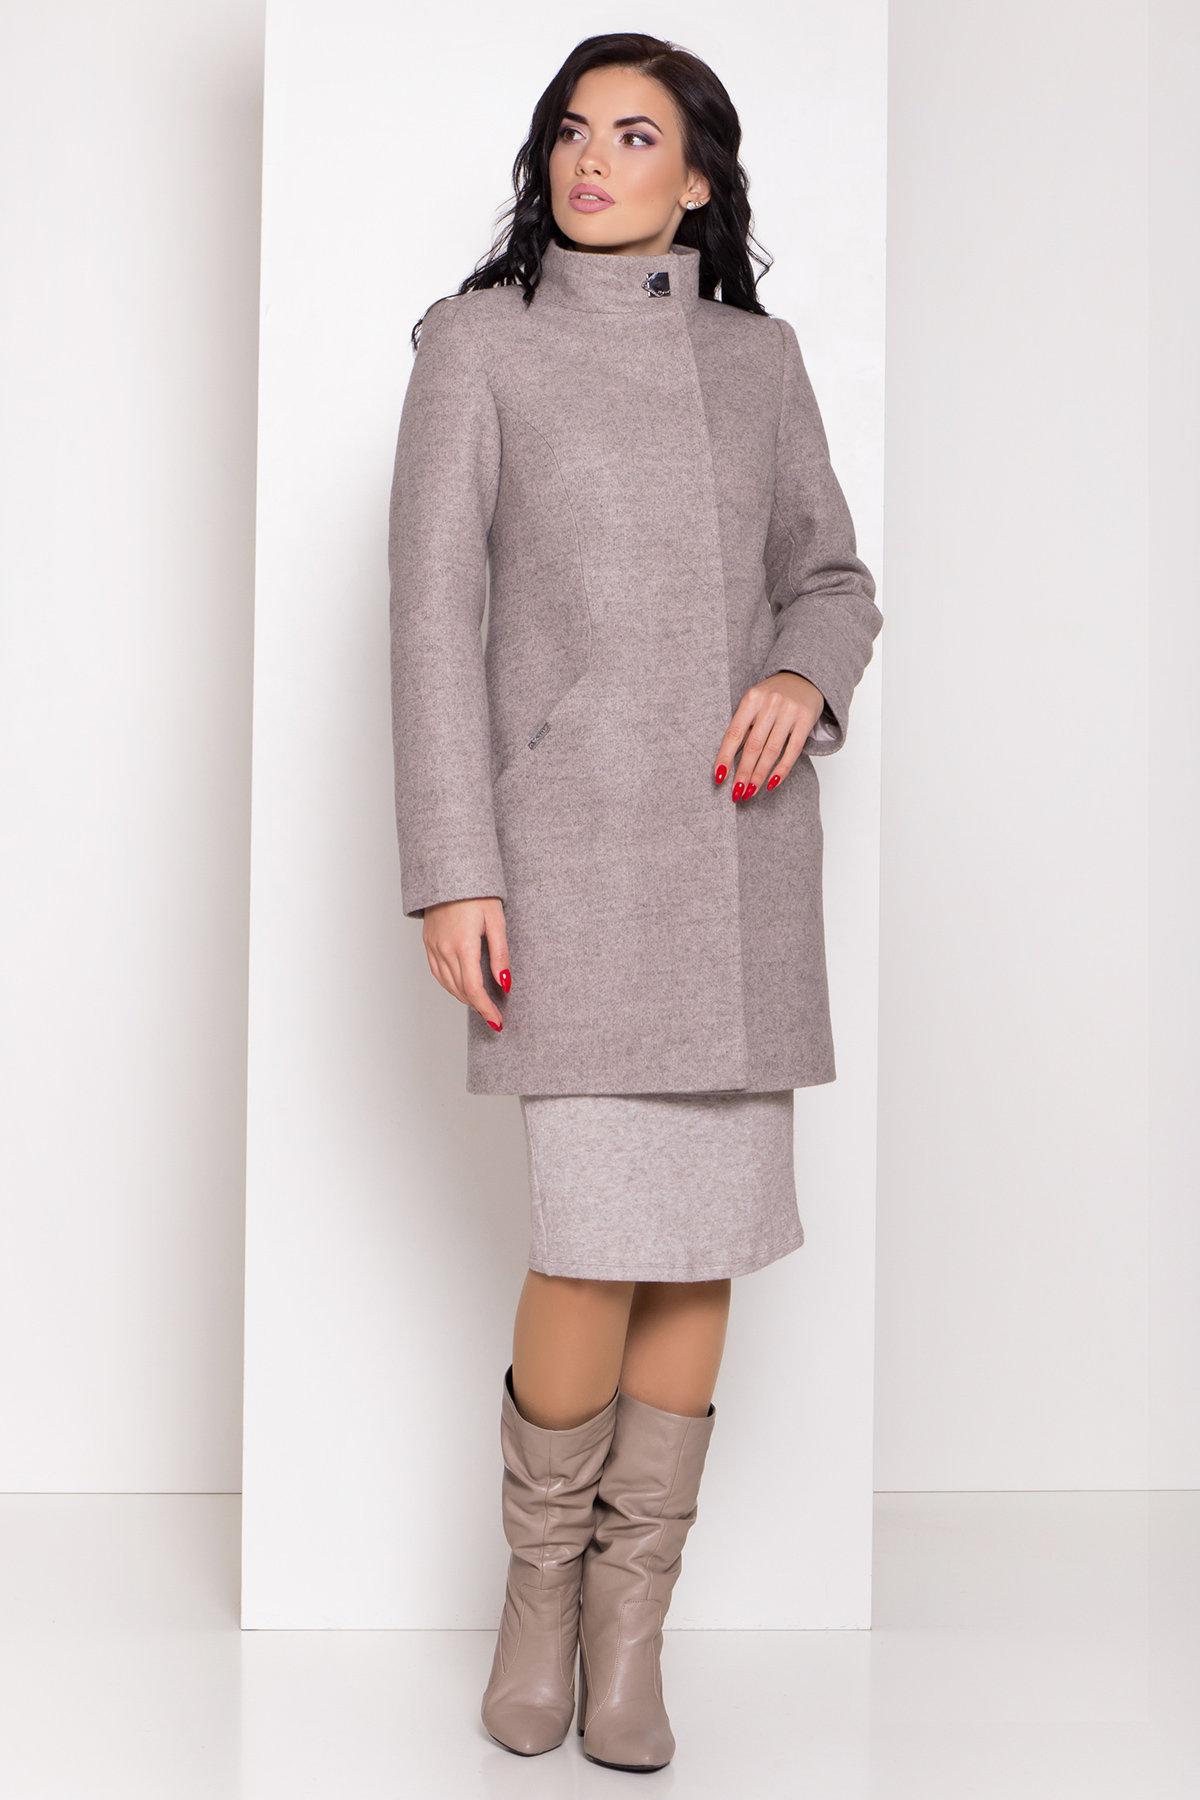 Зимнее пальто с круговым шарфом  Сплит 8406 АРТ. 44632 Цвет: Бежевый 31 - фото 2, интернет магазин tm-modus.ru